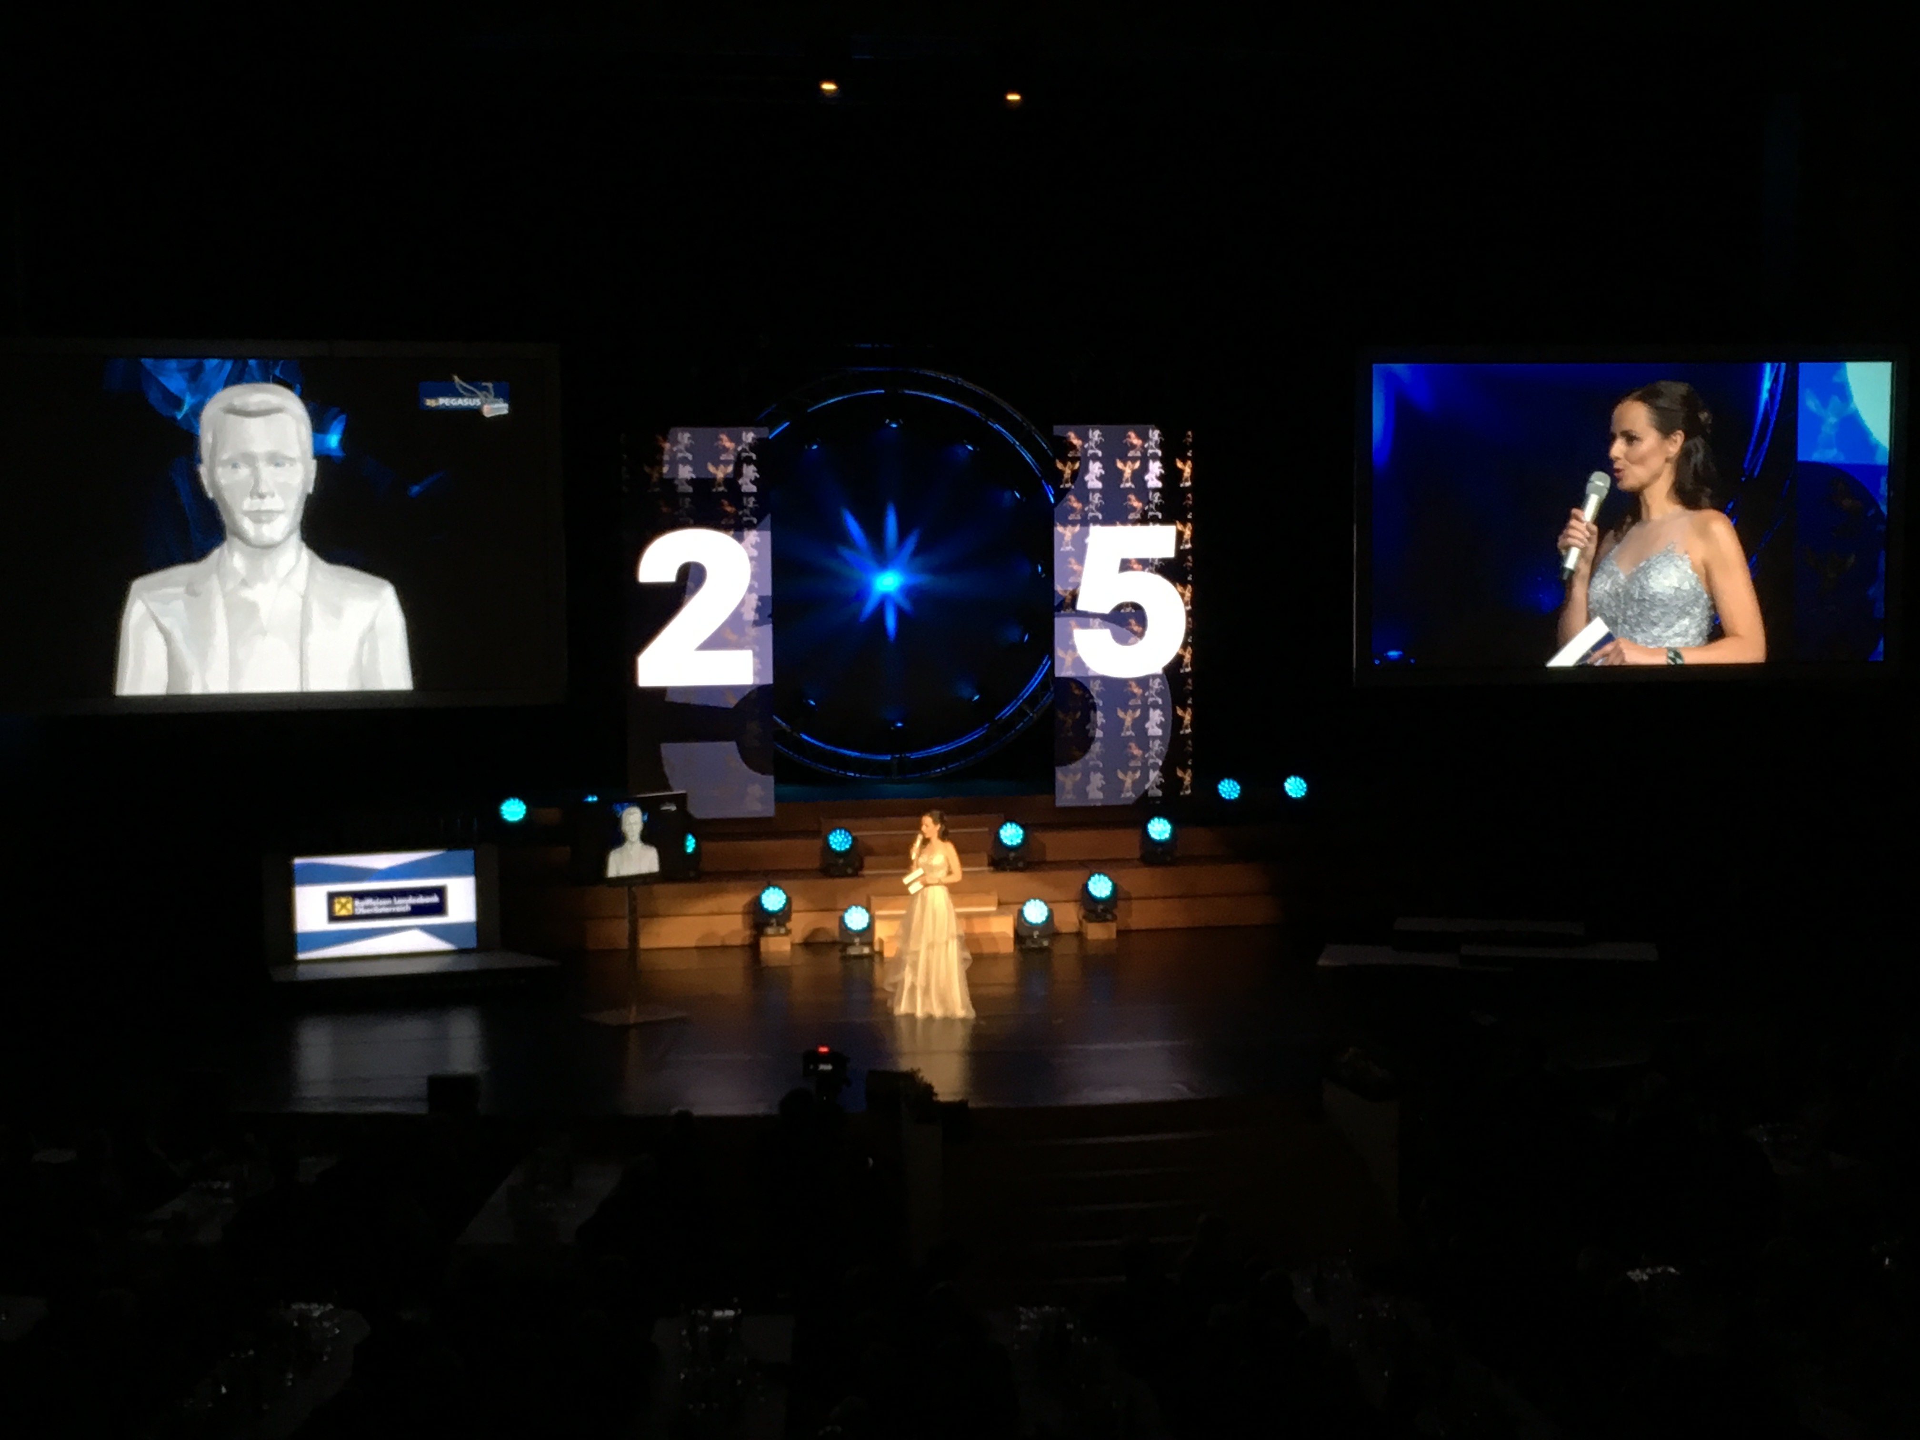 Pegasus Gala 2005 – 2018